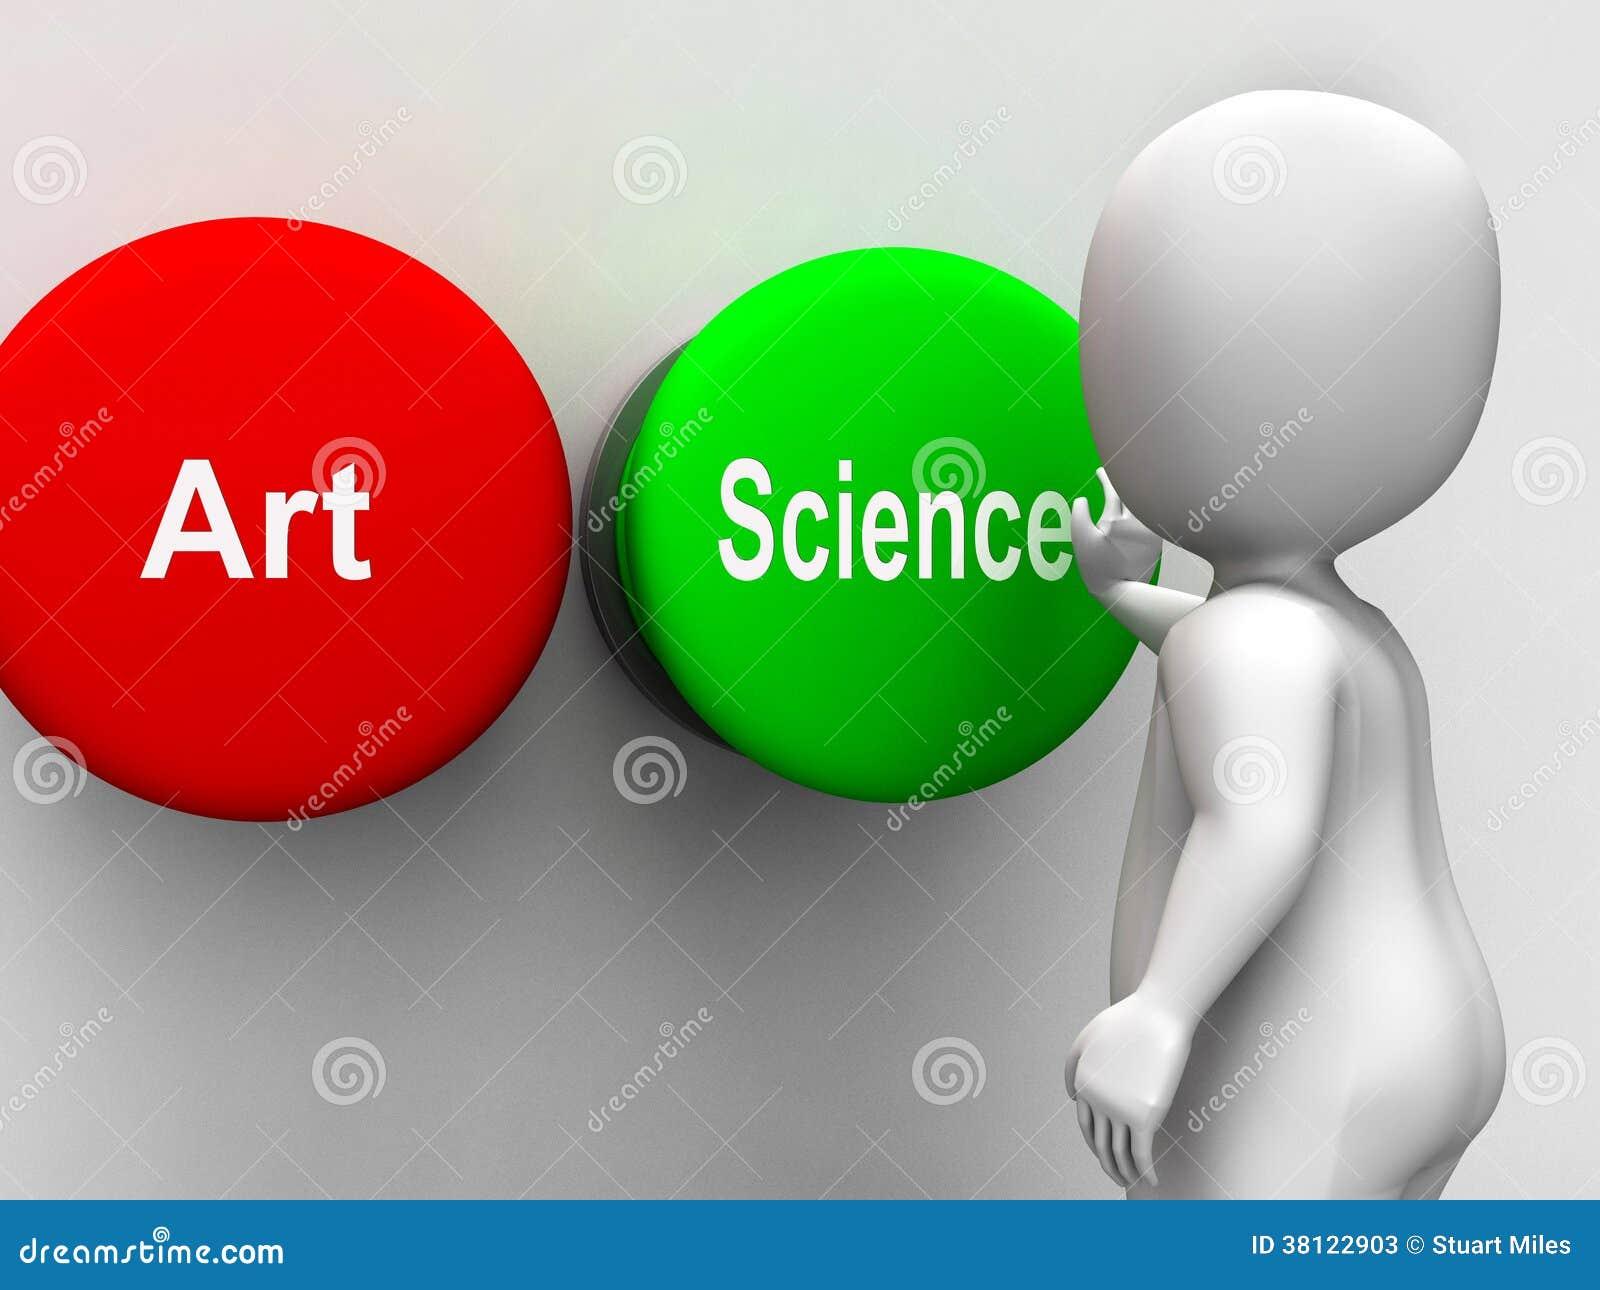 Wetenschap Artistiek Art Buttons Shows Scientific Or